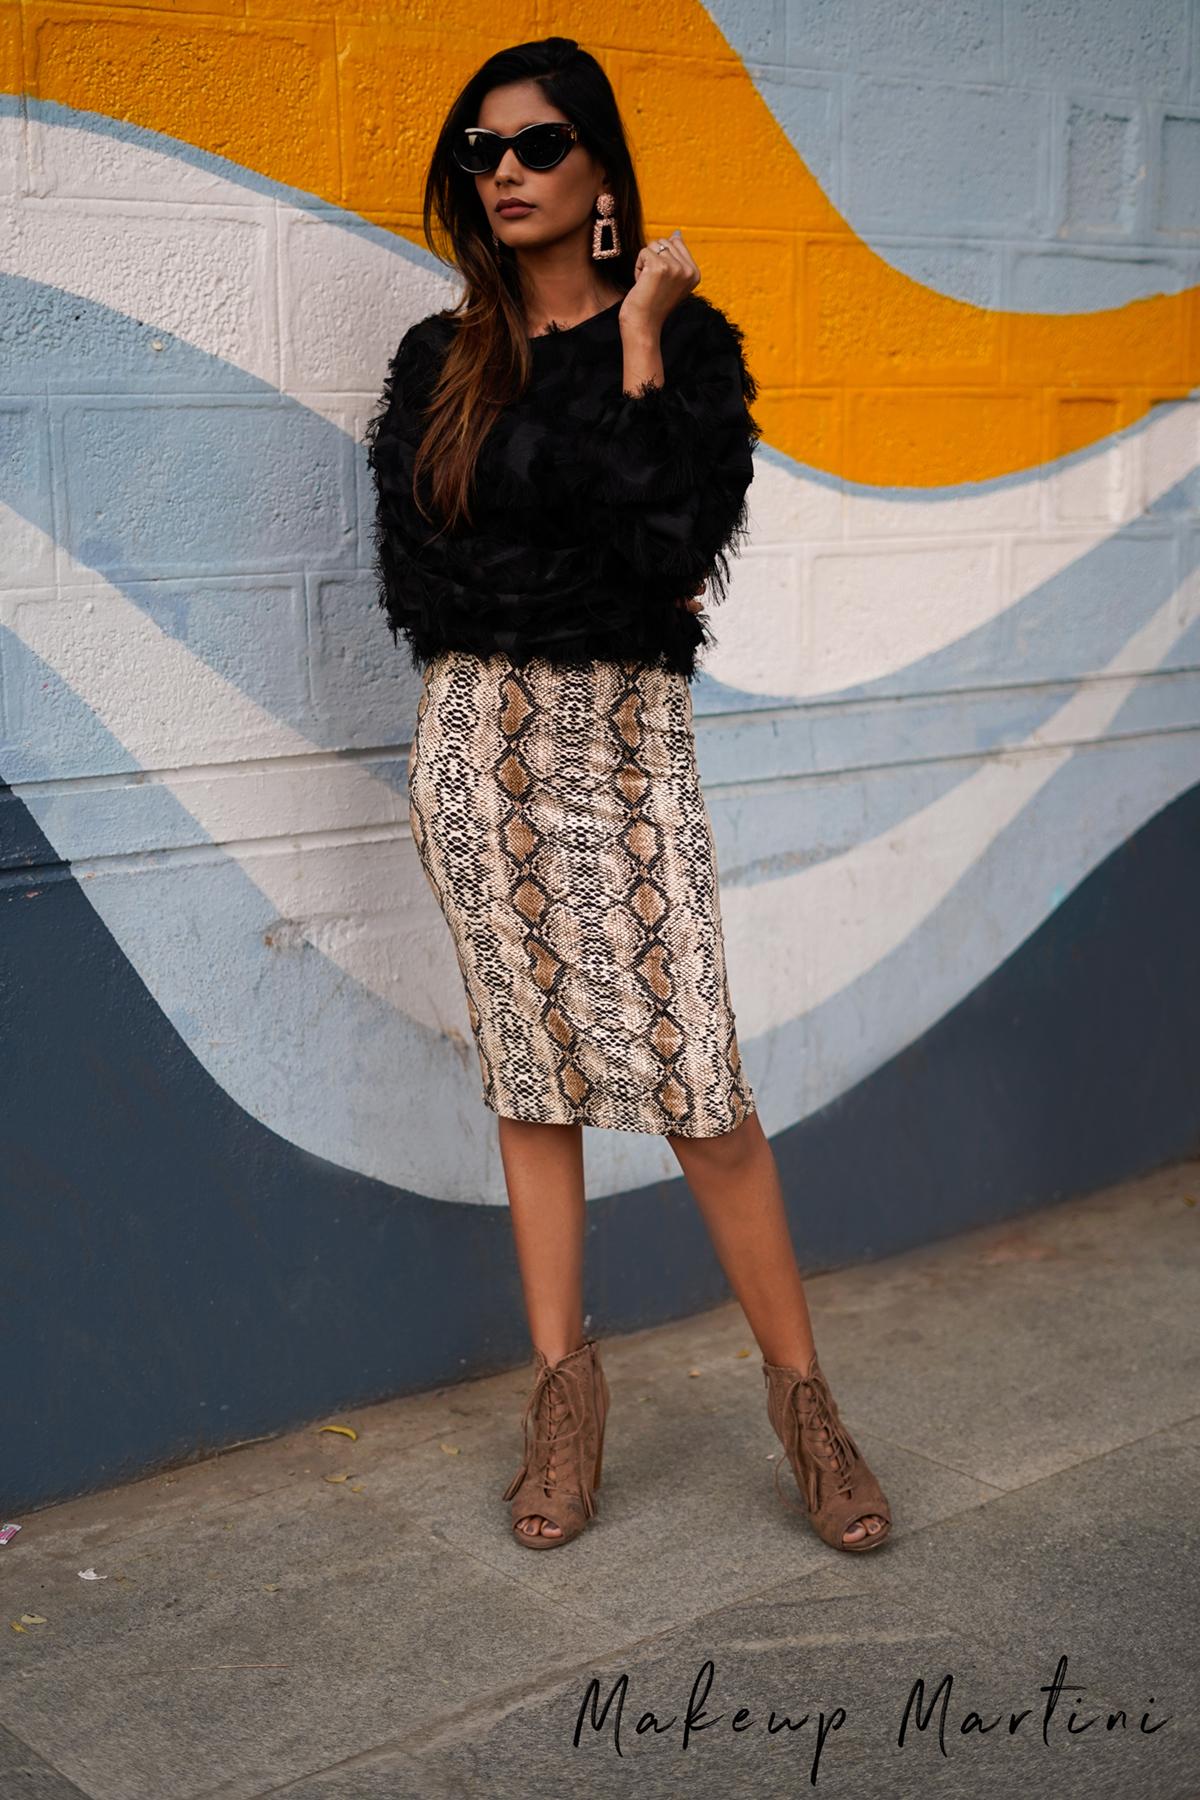 Black Fringe Top & Snake Print Skirt